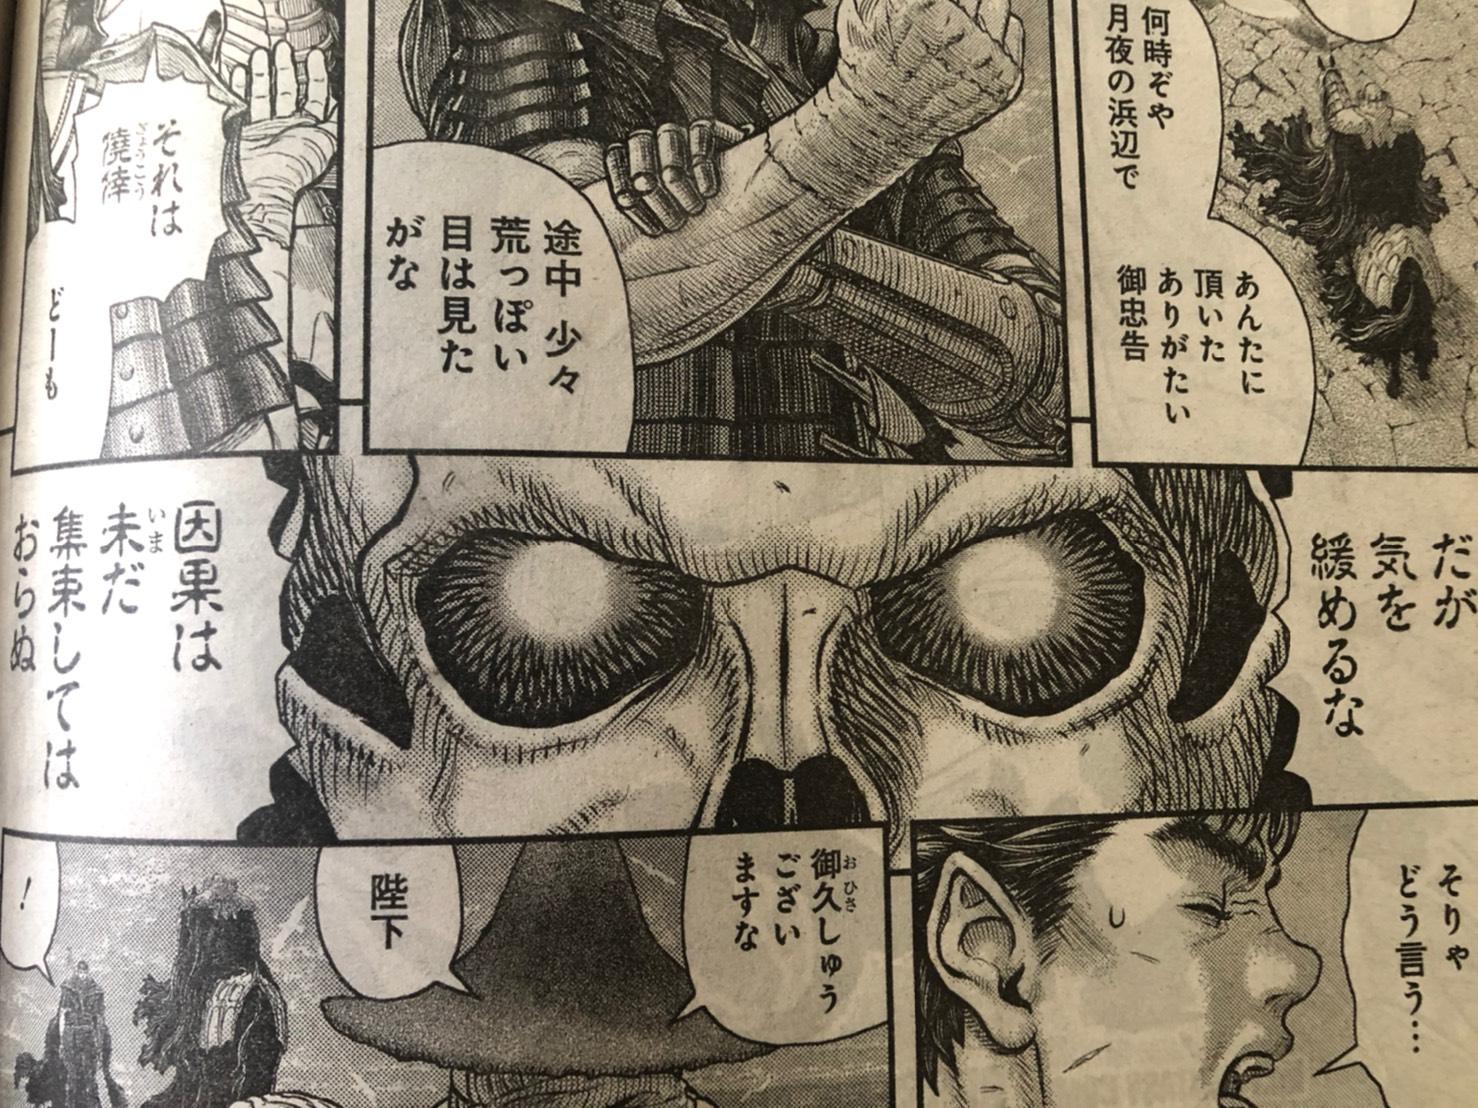 ベルセルク 最新 話 361 ベルセルク 361話最新話:前回のネタバレも!2020年7月22日発売!!